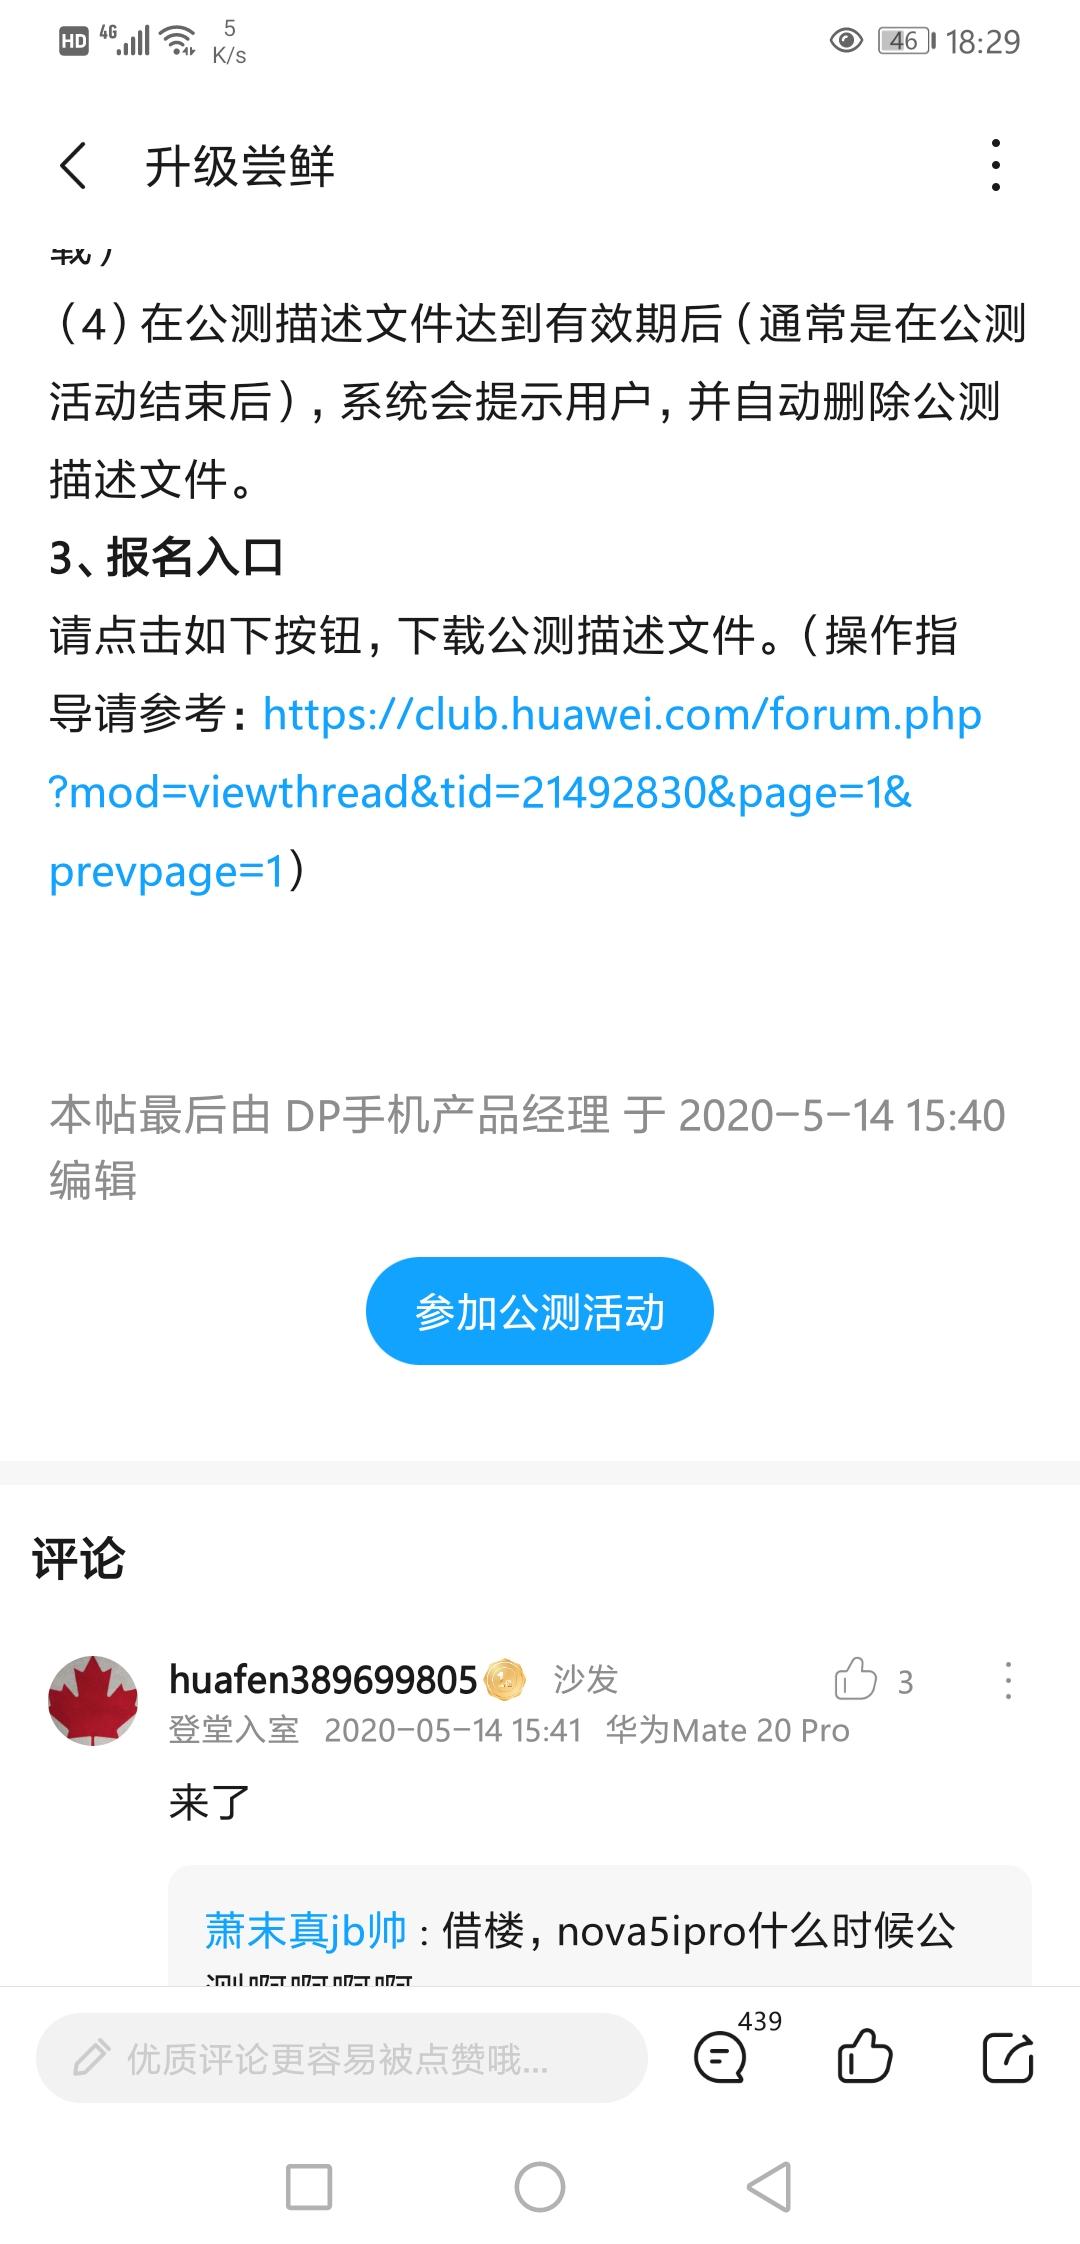 Screenshot_20200514_182923_com.huawei.fans.jpg